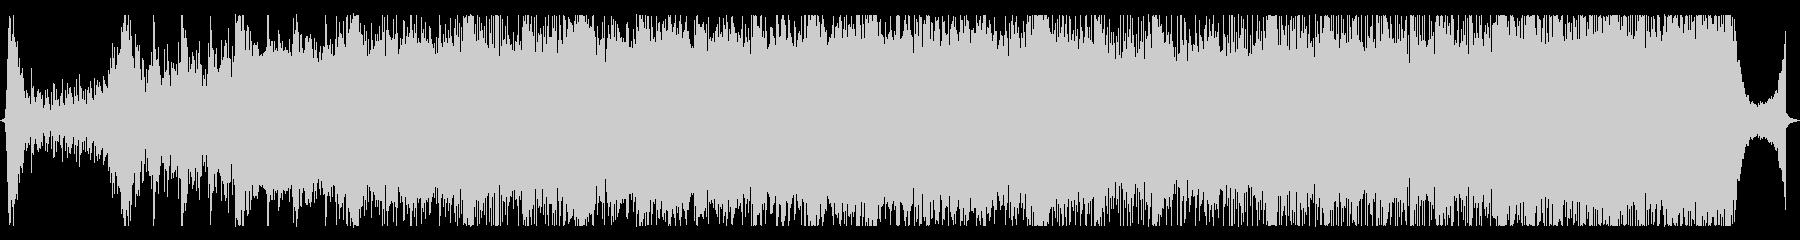 現代の交響曲 電気音響シンフォニー...の未再生の波形